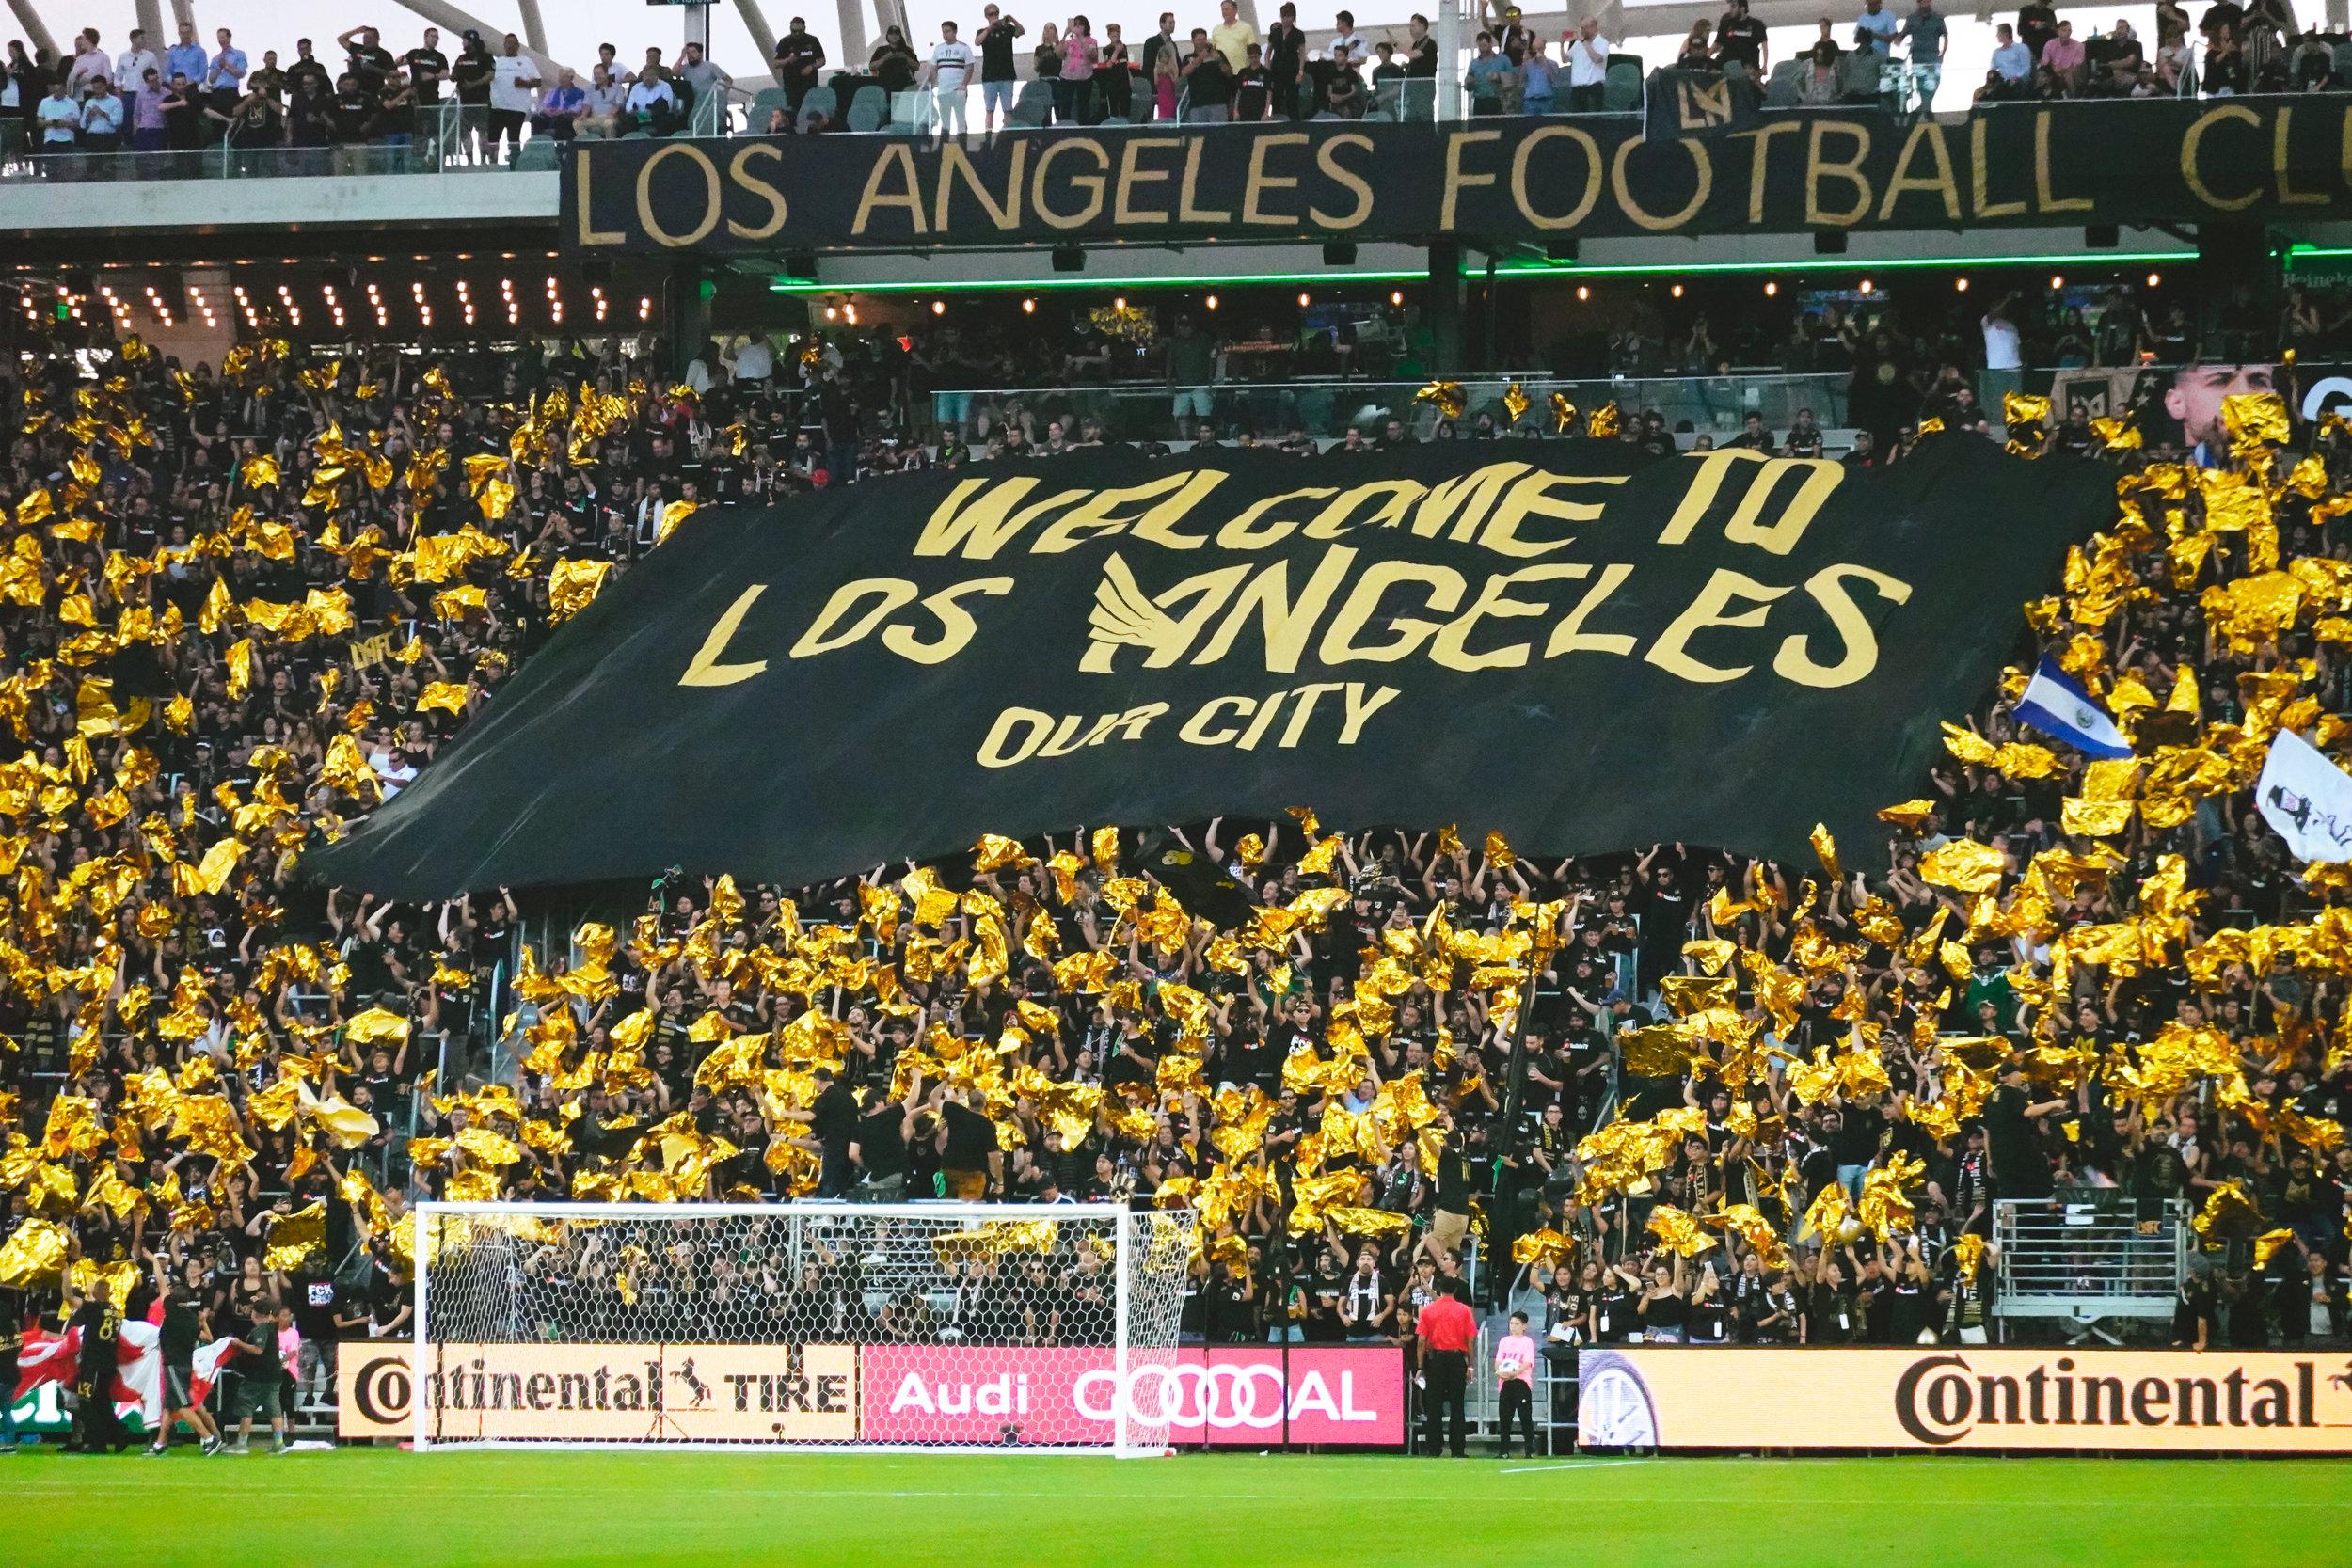 Los Angeles Football Club - Inaugural season - 2018